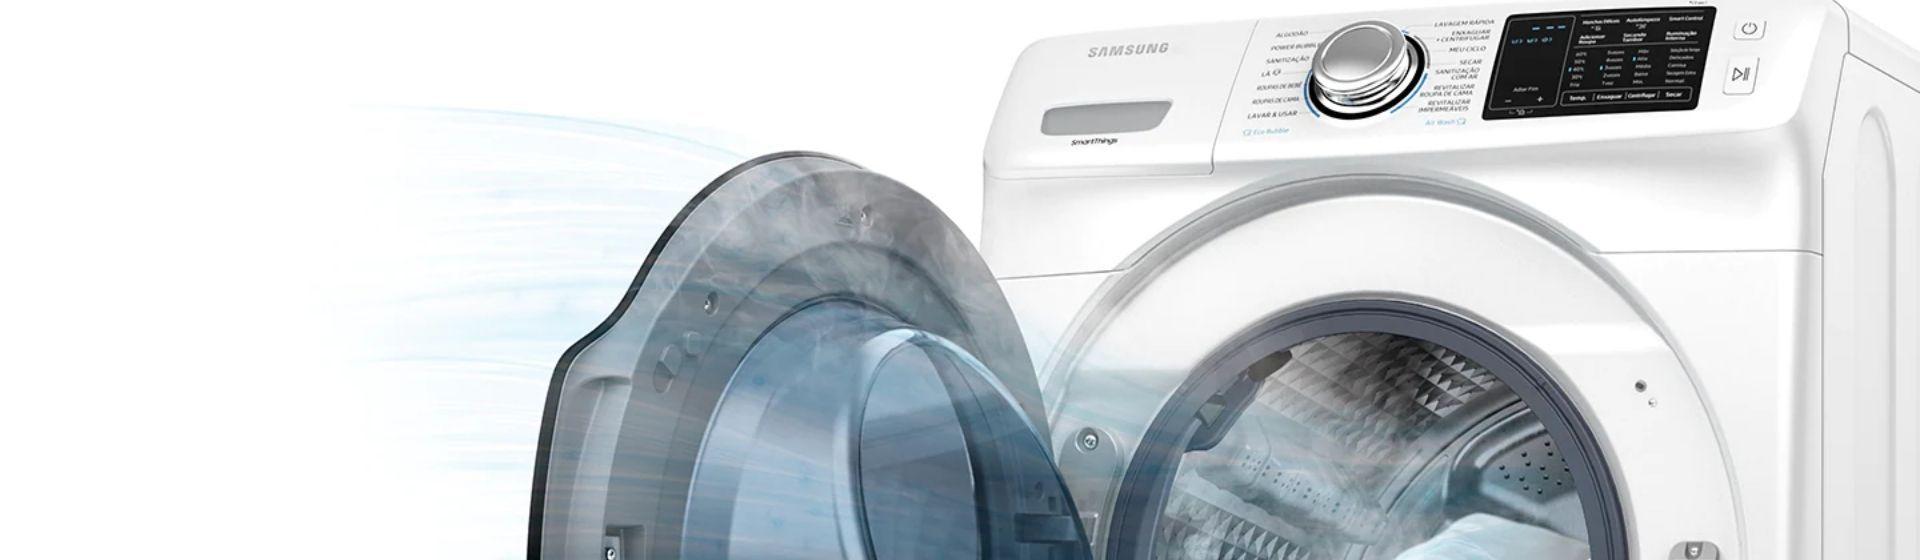 As 5 melhores Lava e Seca da Samsung em 2019